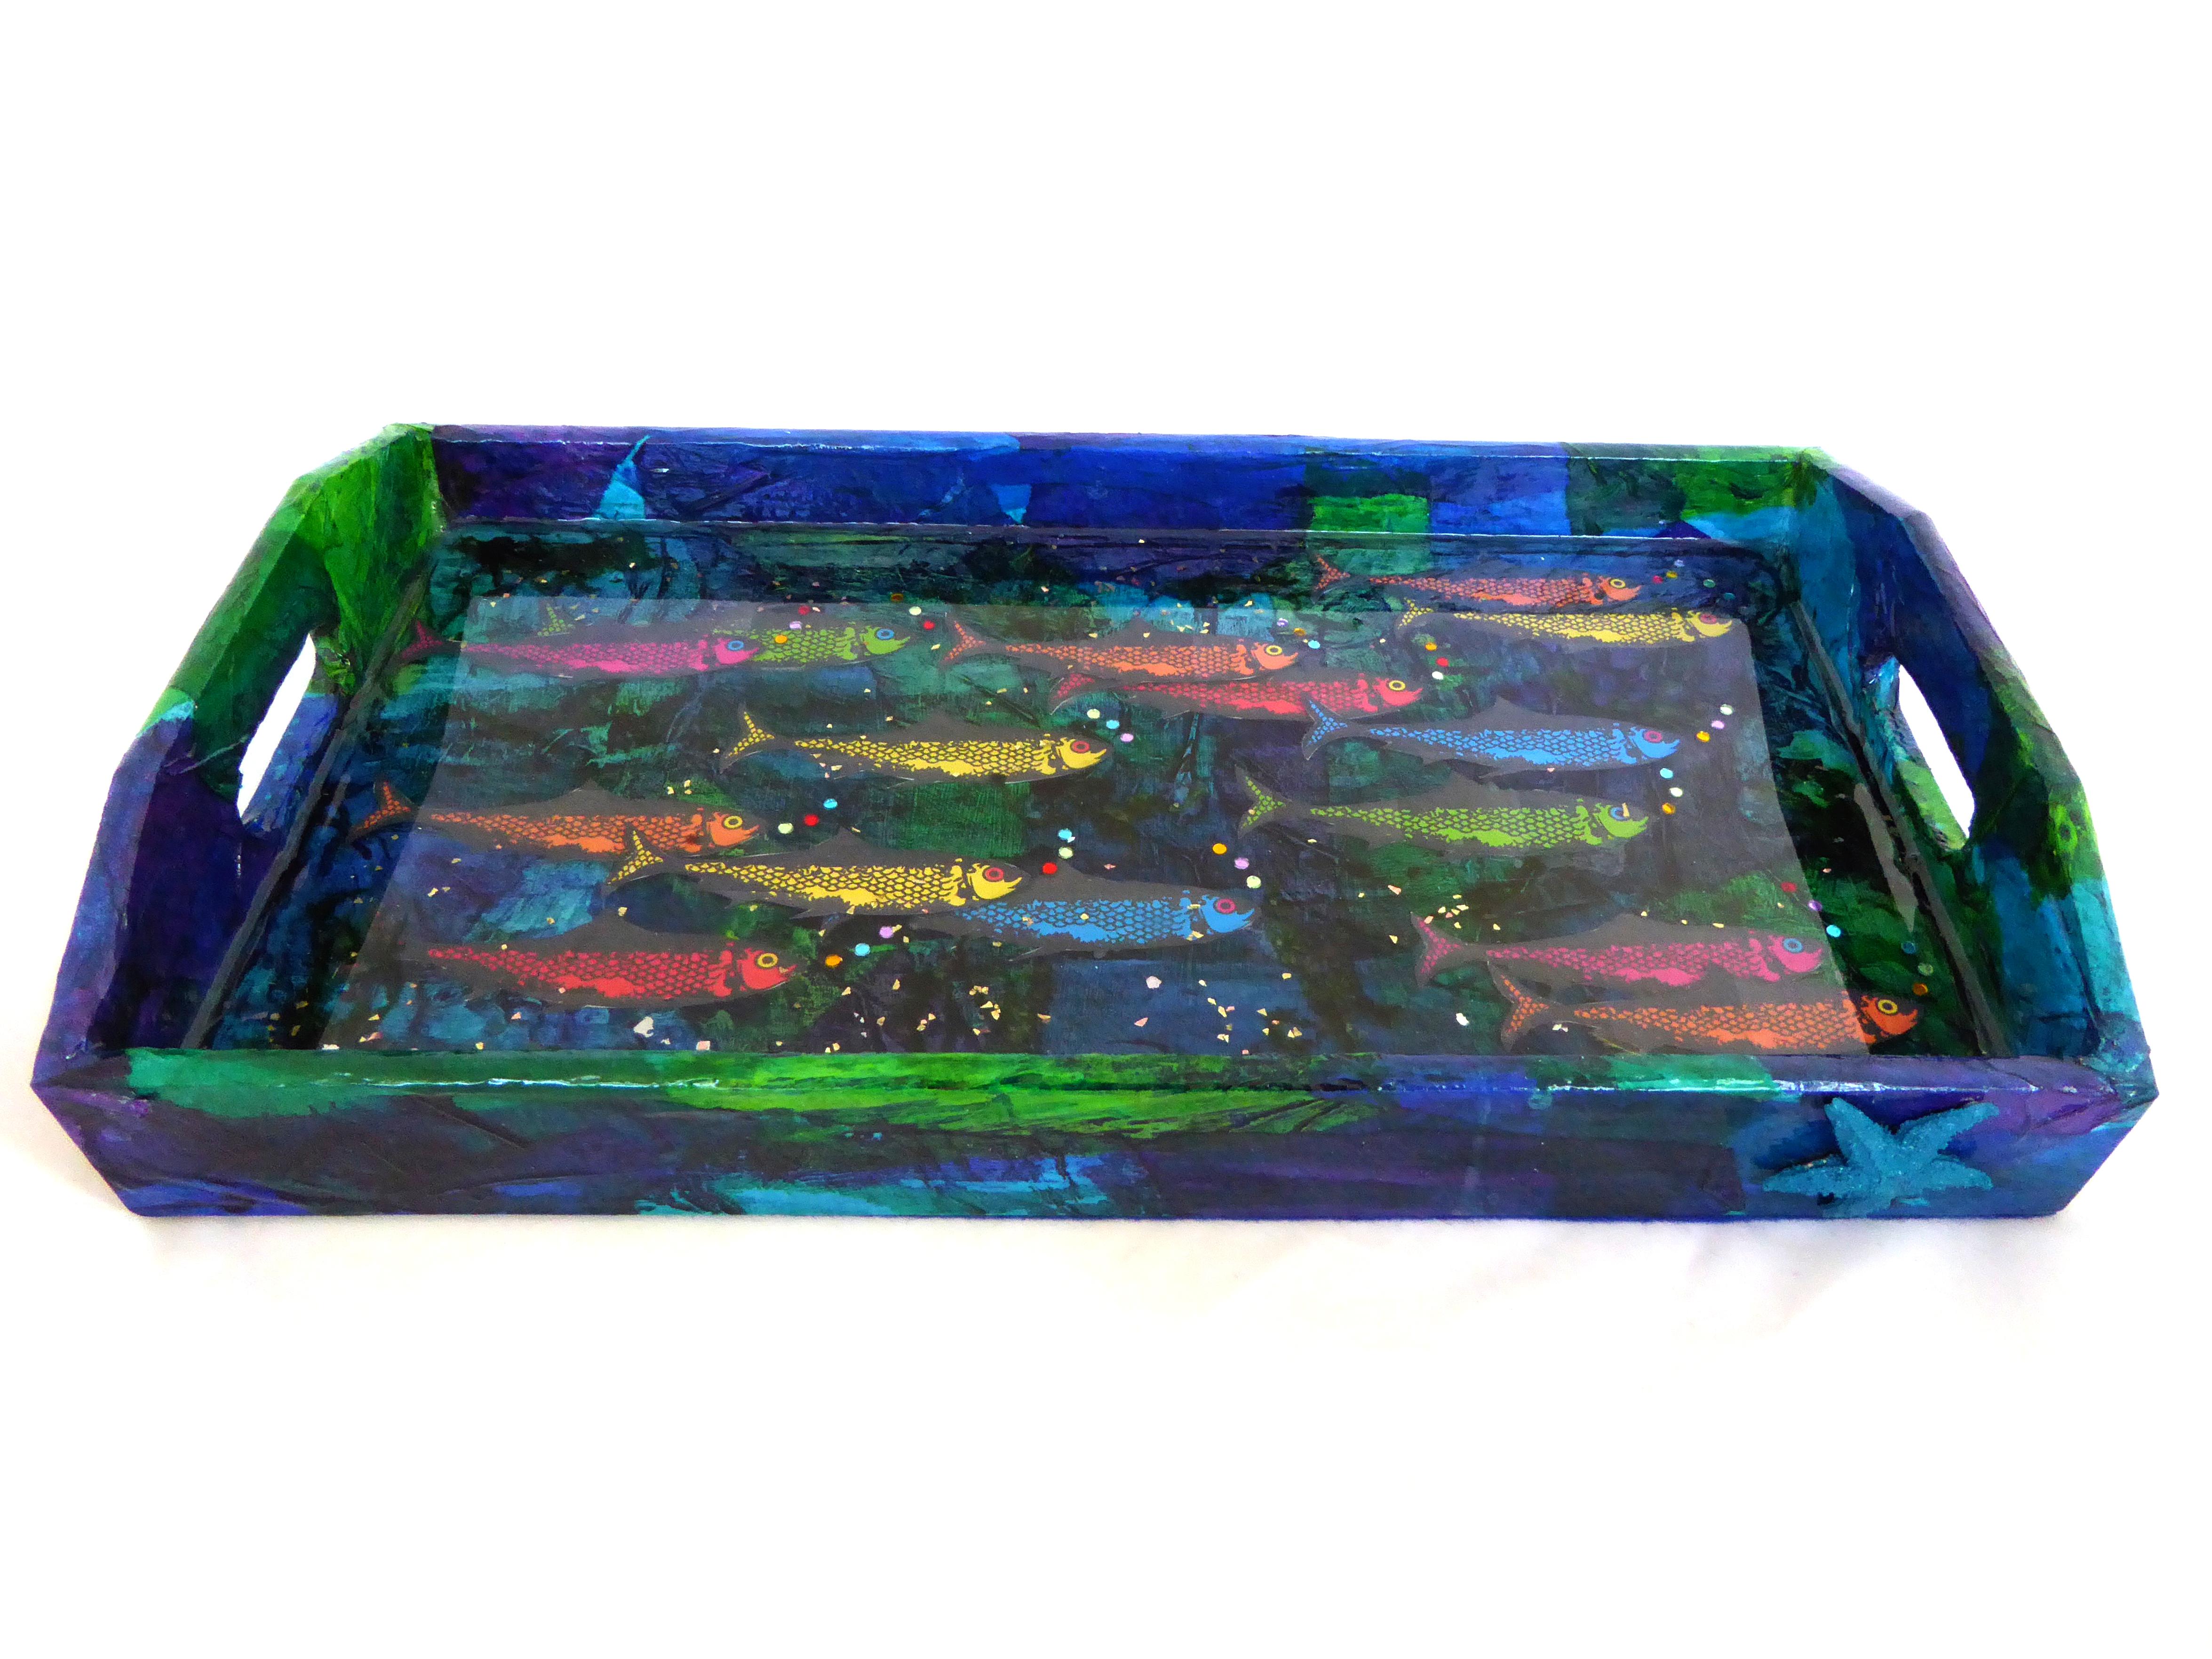 sardine tray